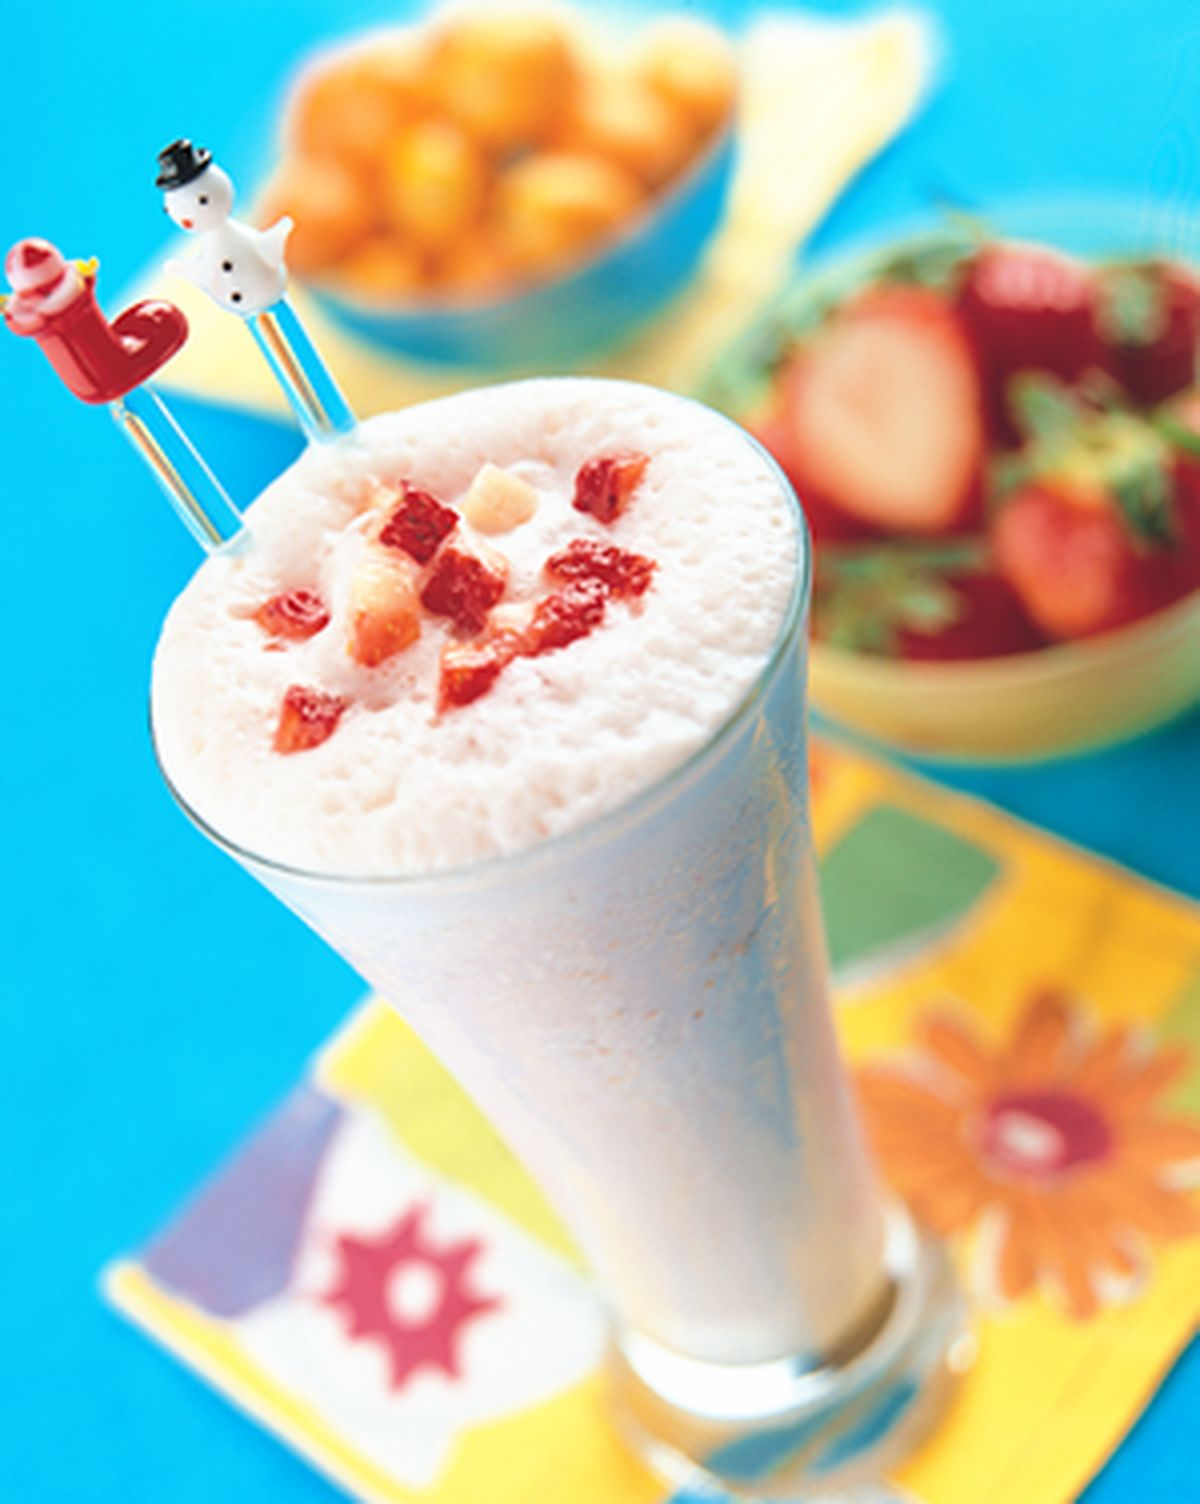 食譜:草莓優格雪霜